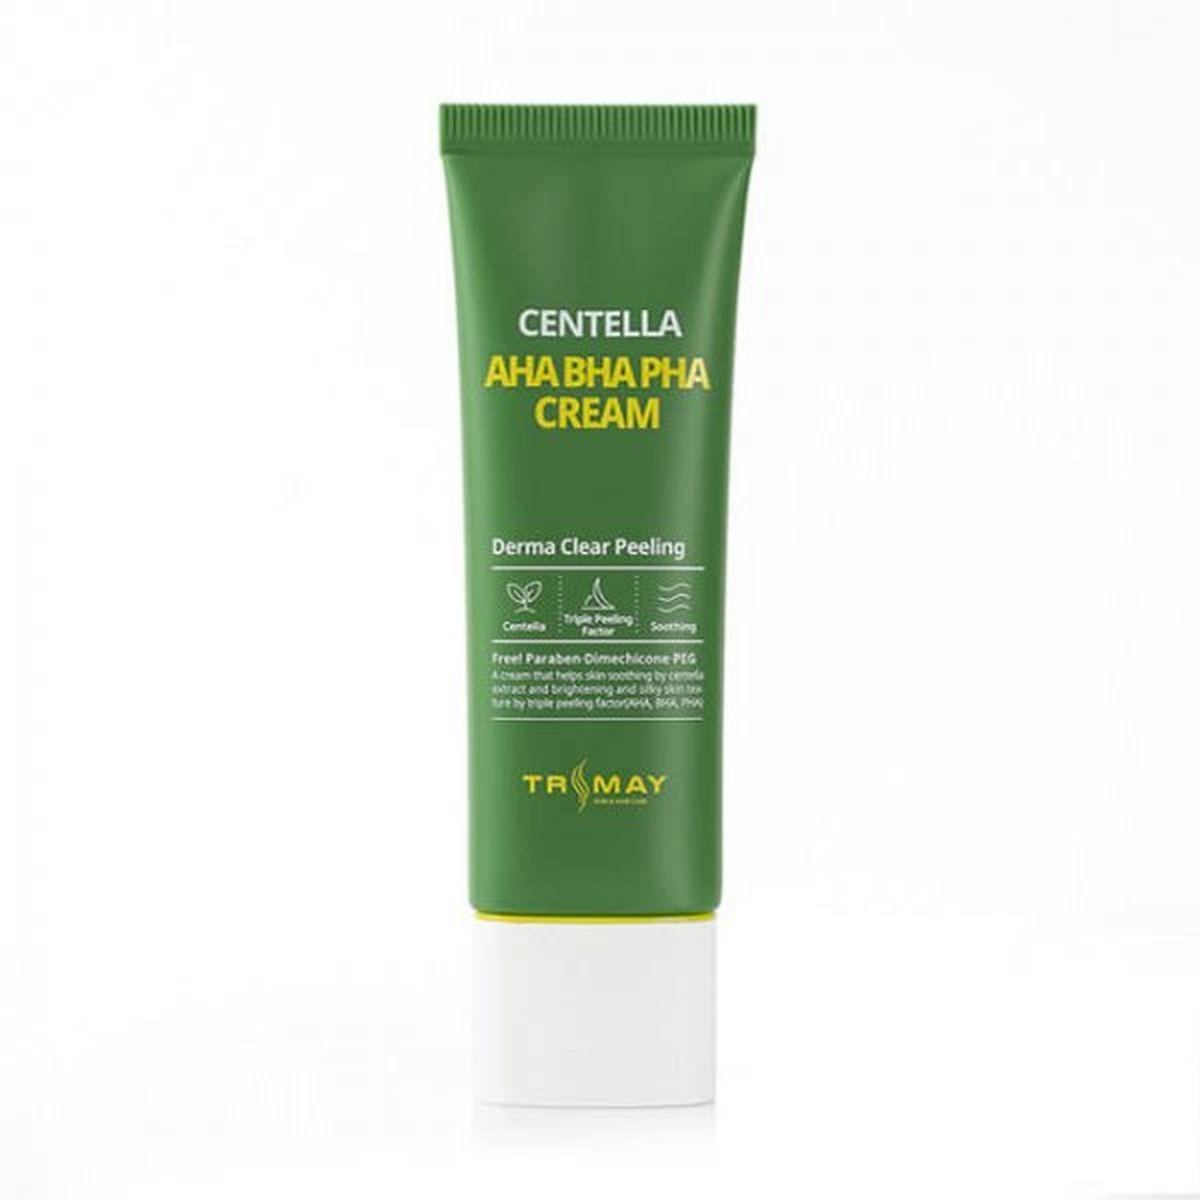 Крем для лица с центеллой Trimay Aha Bha Pha Centella Cream - 50 гр